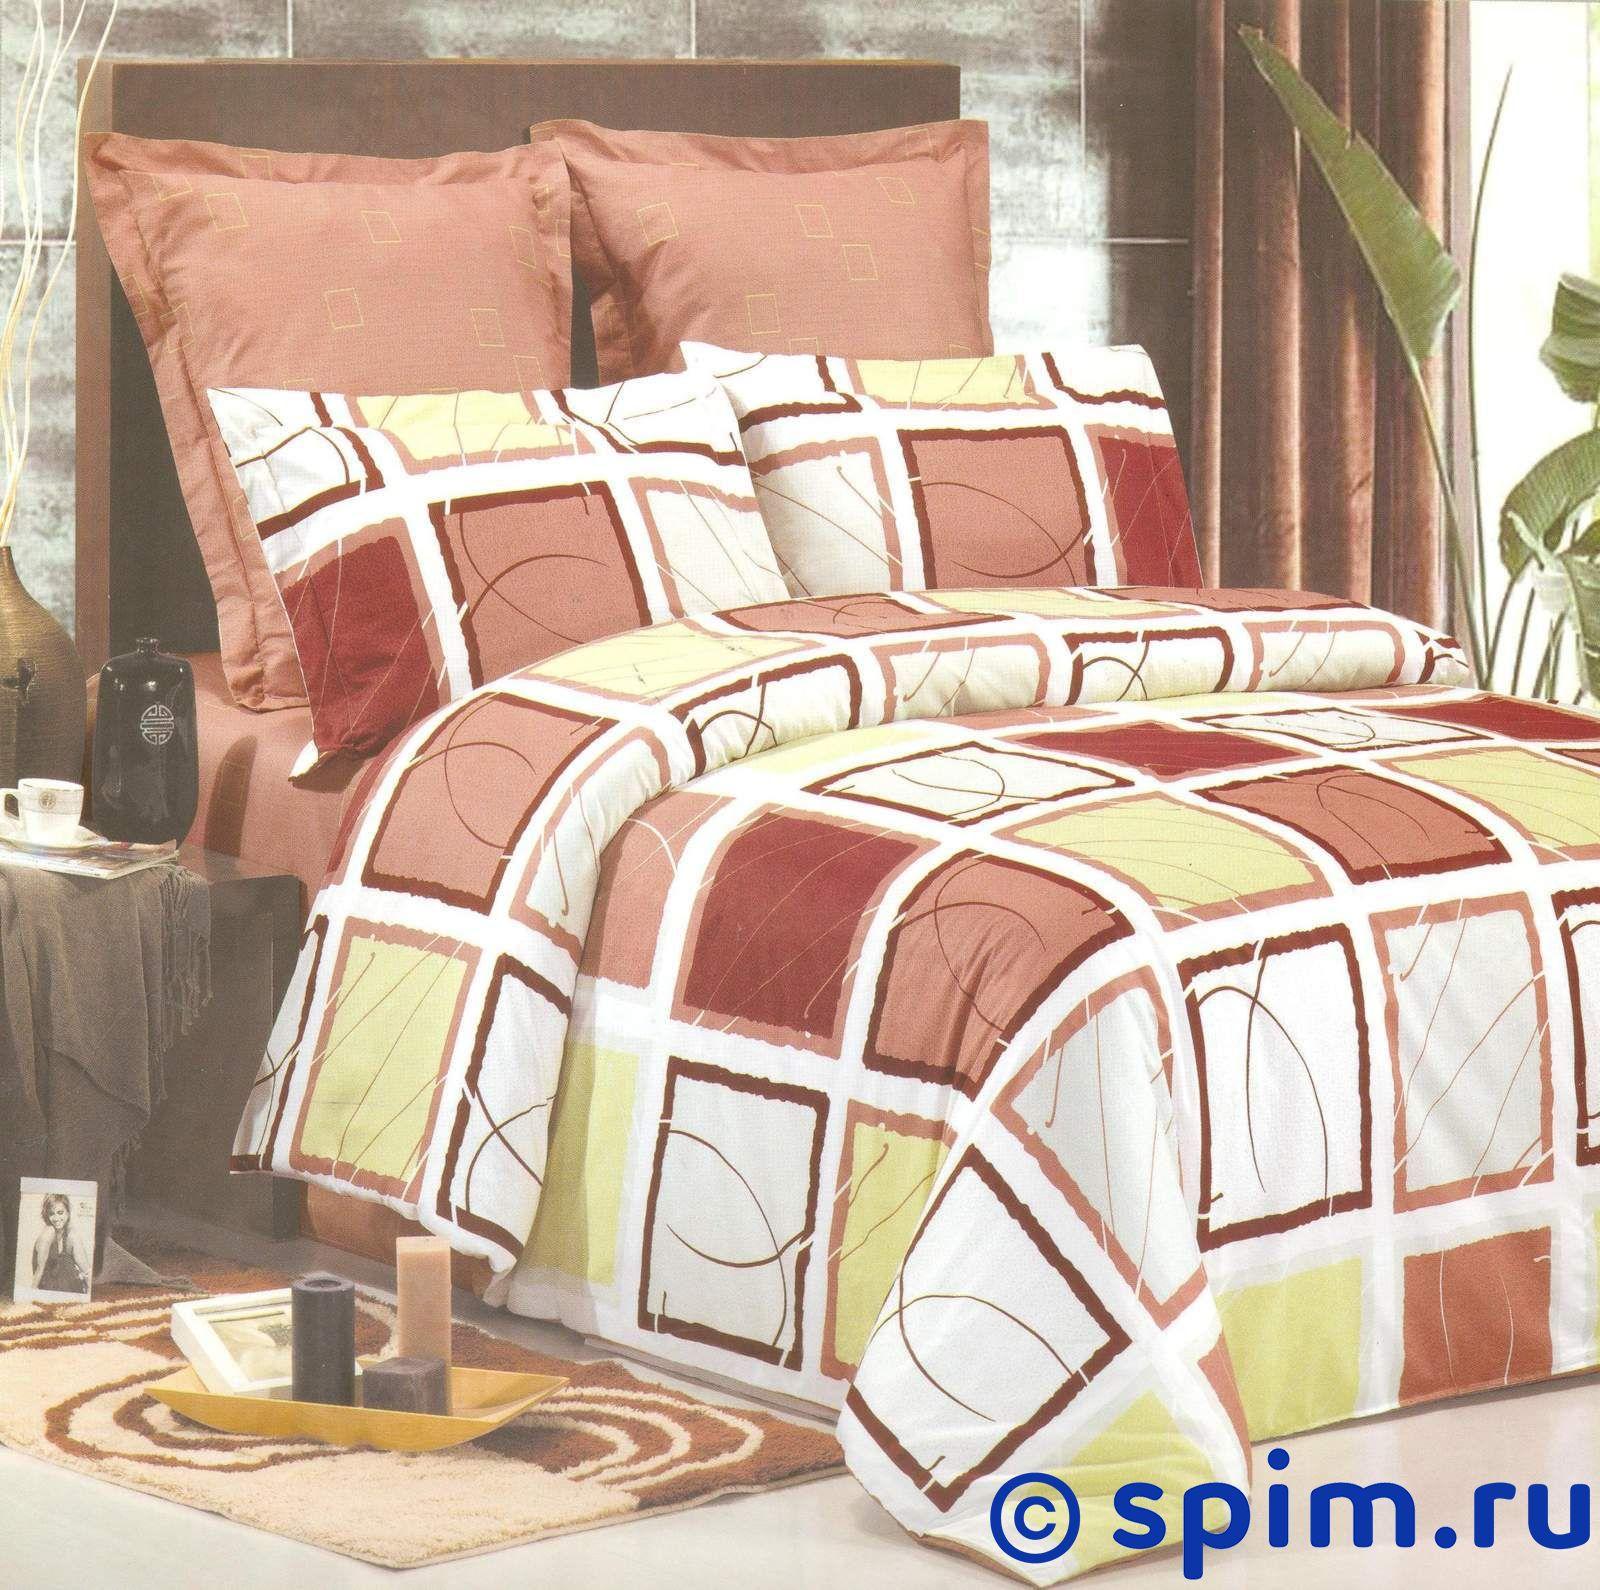 Комплект СайлиД В75 1.5 спальное